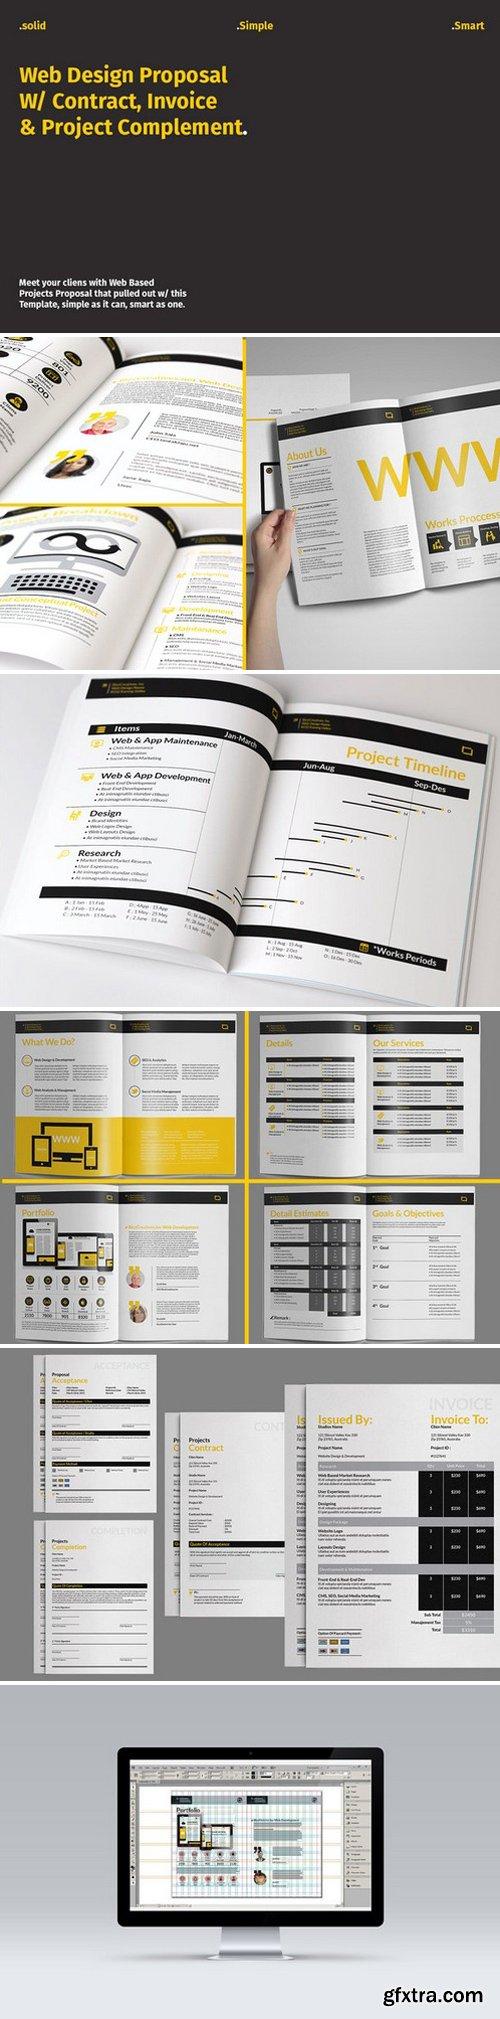 CM - Web Design Proposal W/ Complement 339030